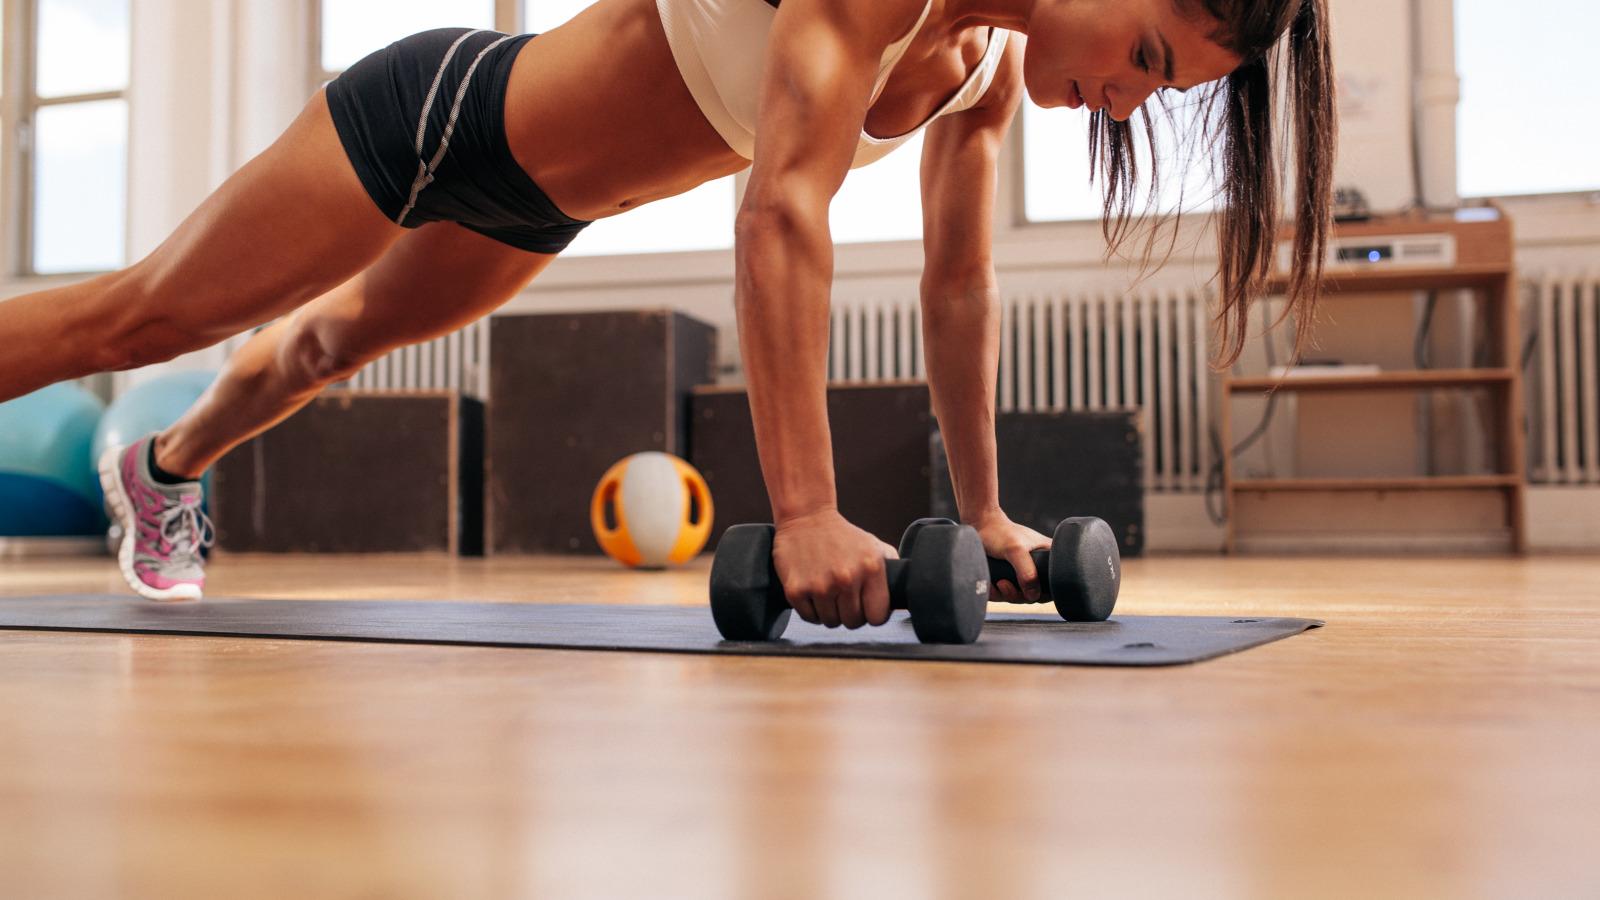 Как правильно заниматься спортом в домашних условиях 2